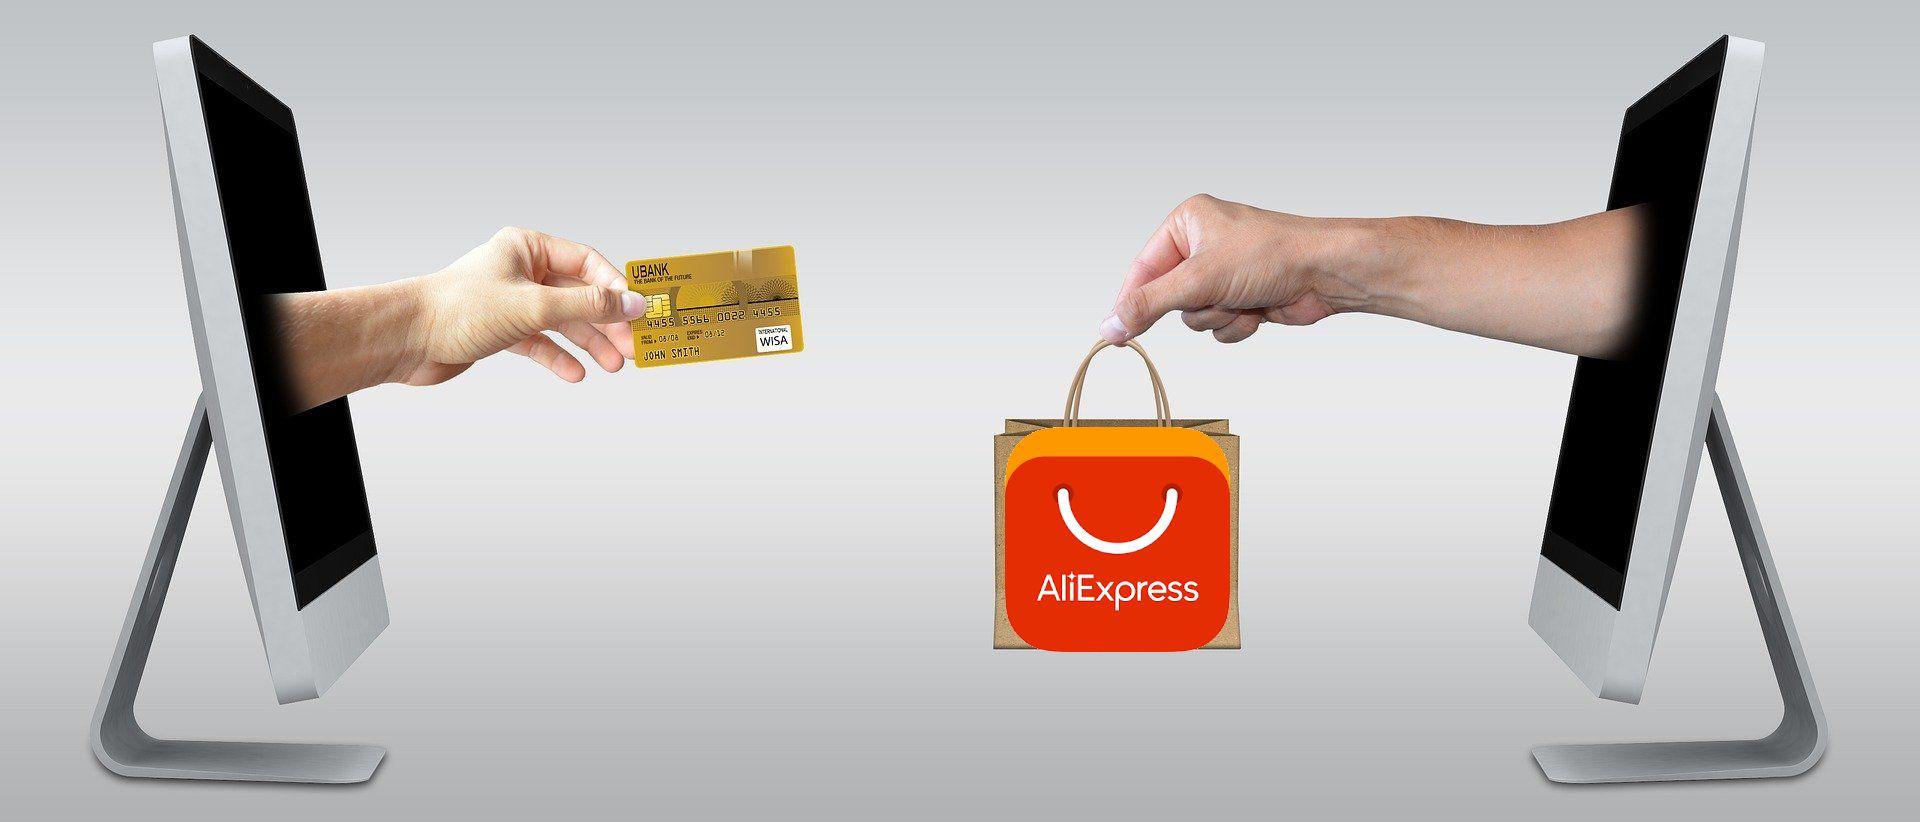 zakupy przez internet e-commerce AliExpress logo